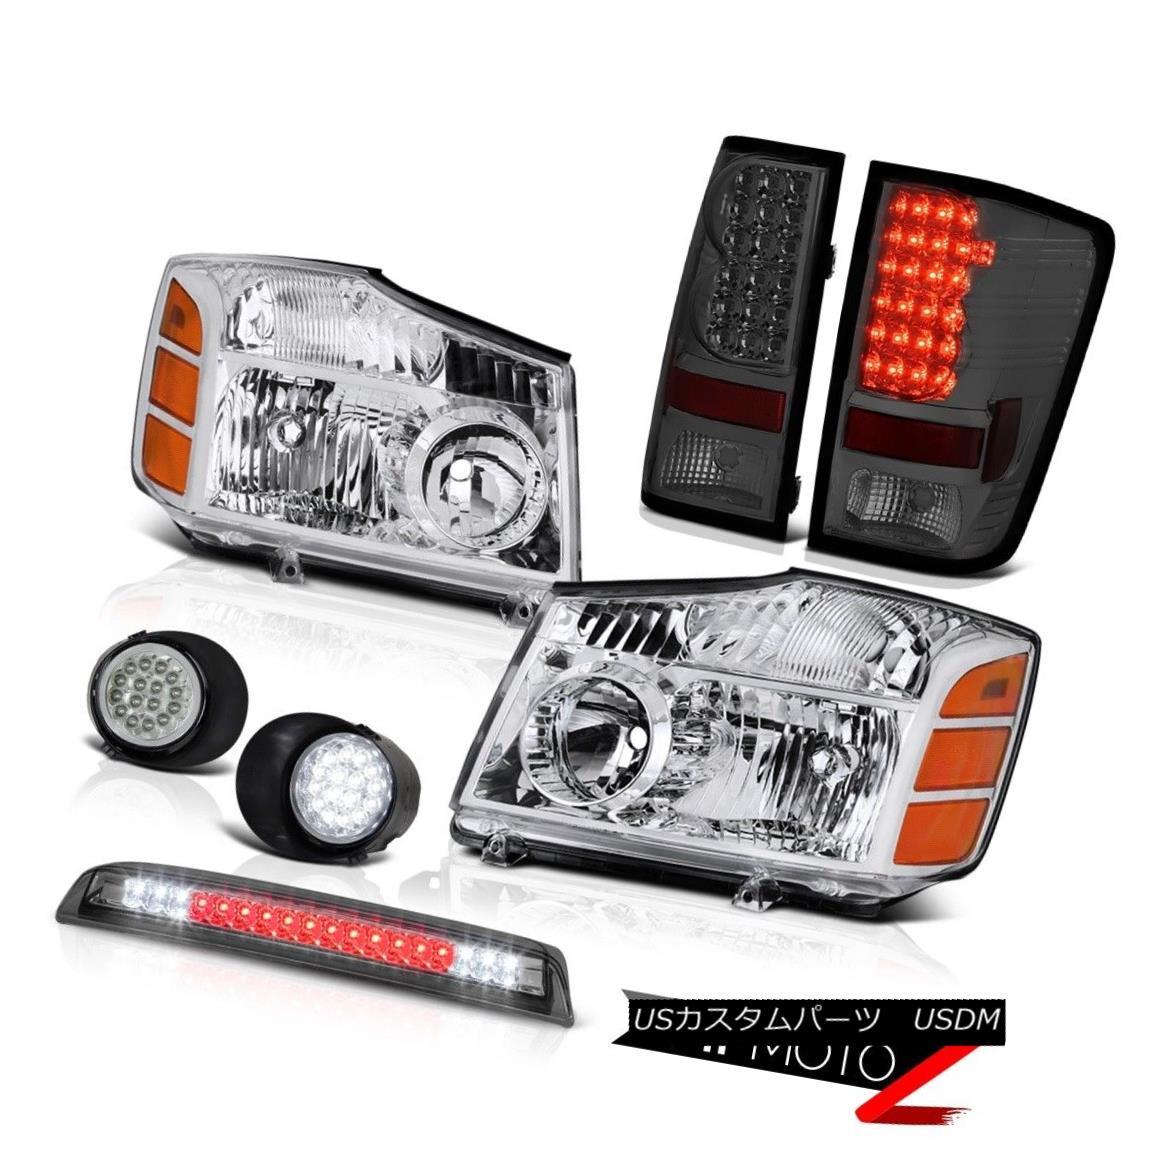 テールライト For 04-2015 Titan Pair Headlight Tail Light SMD Foglights Smoke Third Brake LED 04-2015のためのタイタンのペアヘッドライトテールライトSMDのフォグライト煙の第3ブレーキLED